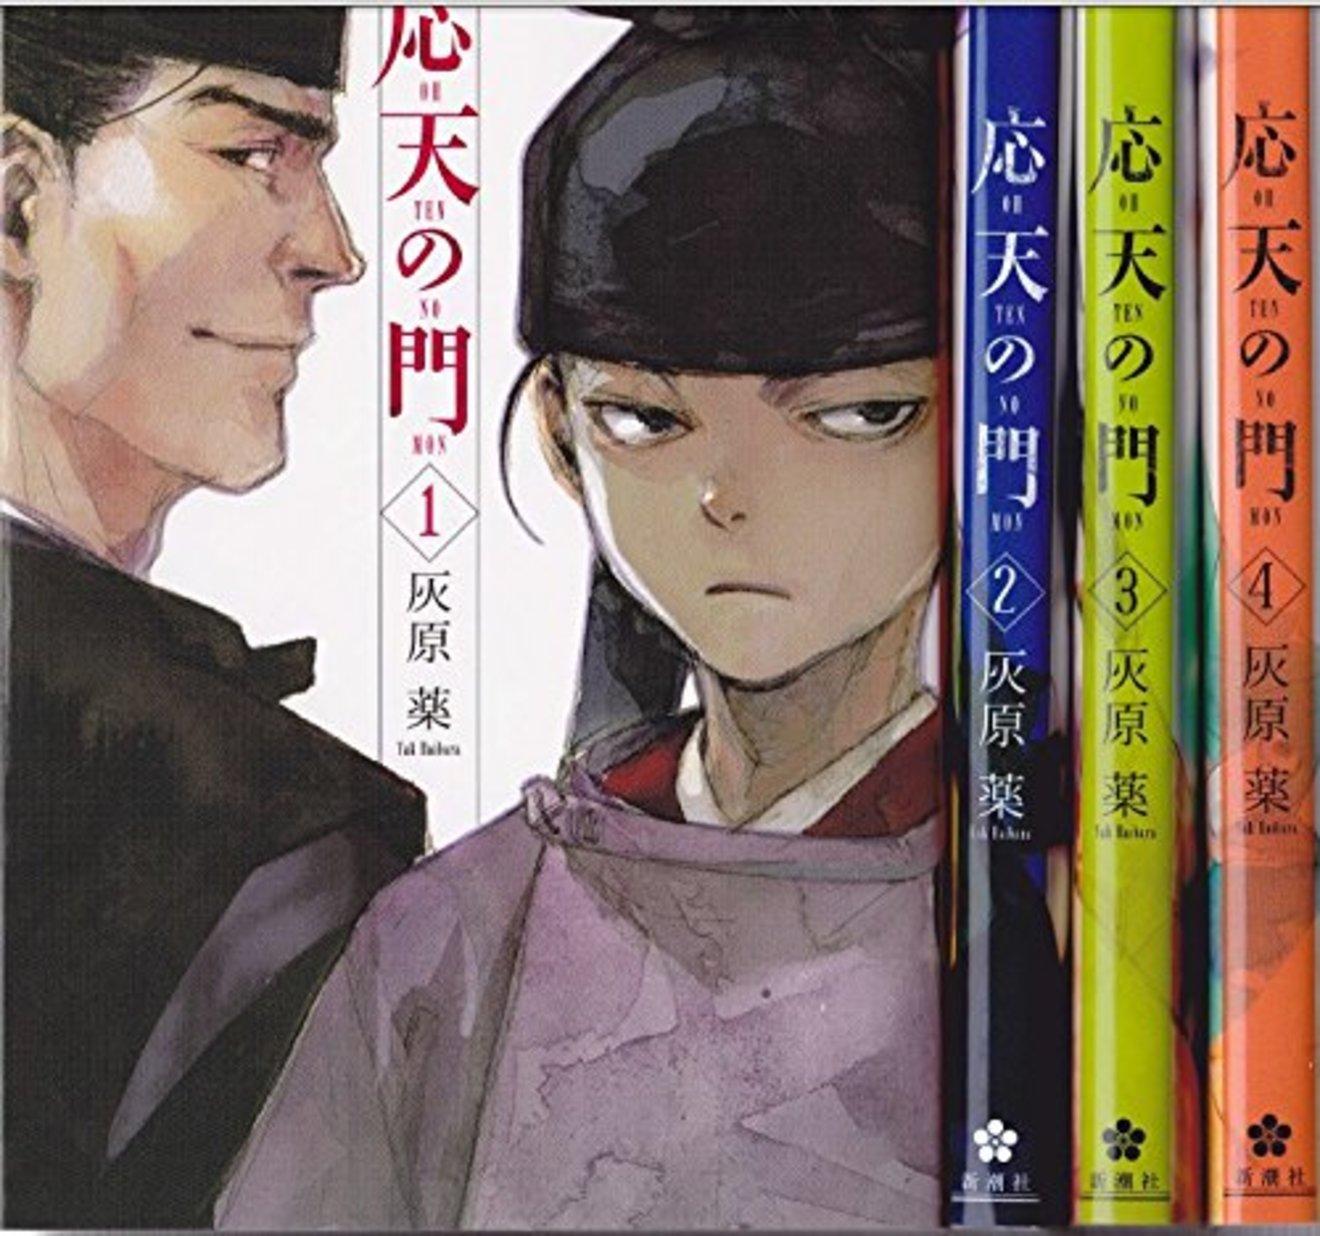 漫画『応天の門』の魅力を8巻までネタバレ!謎解き+歴史考察?